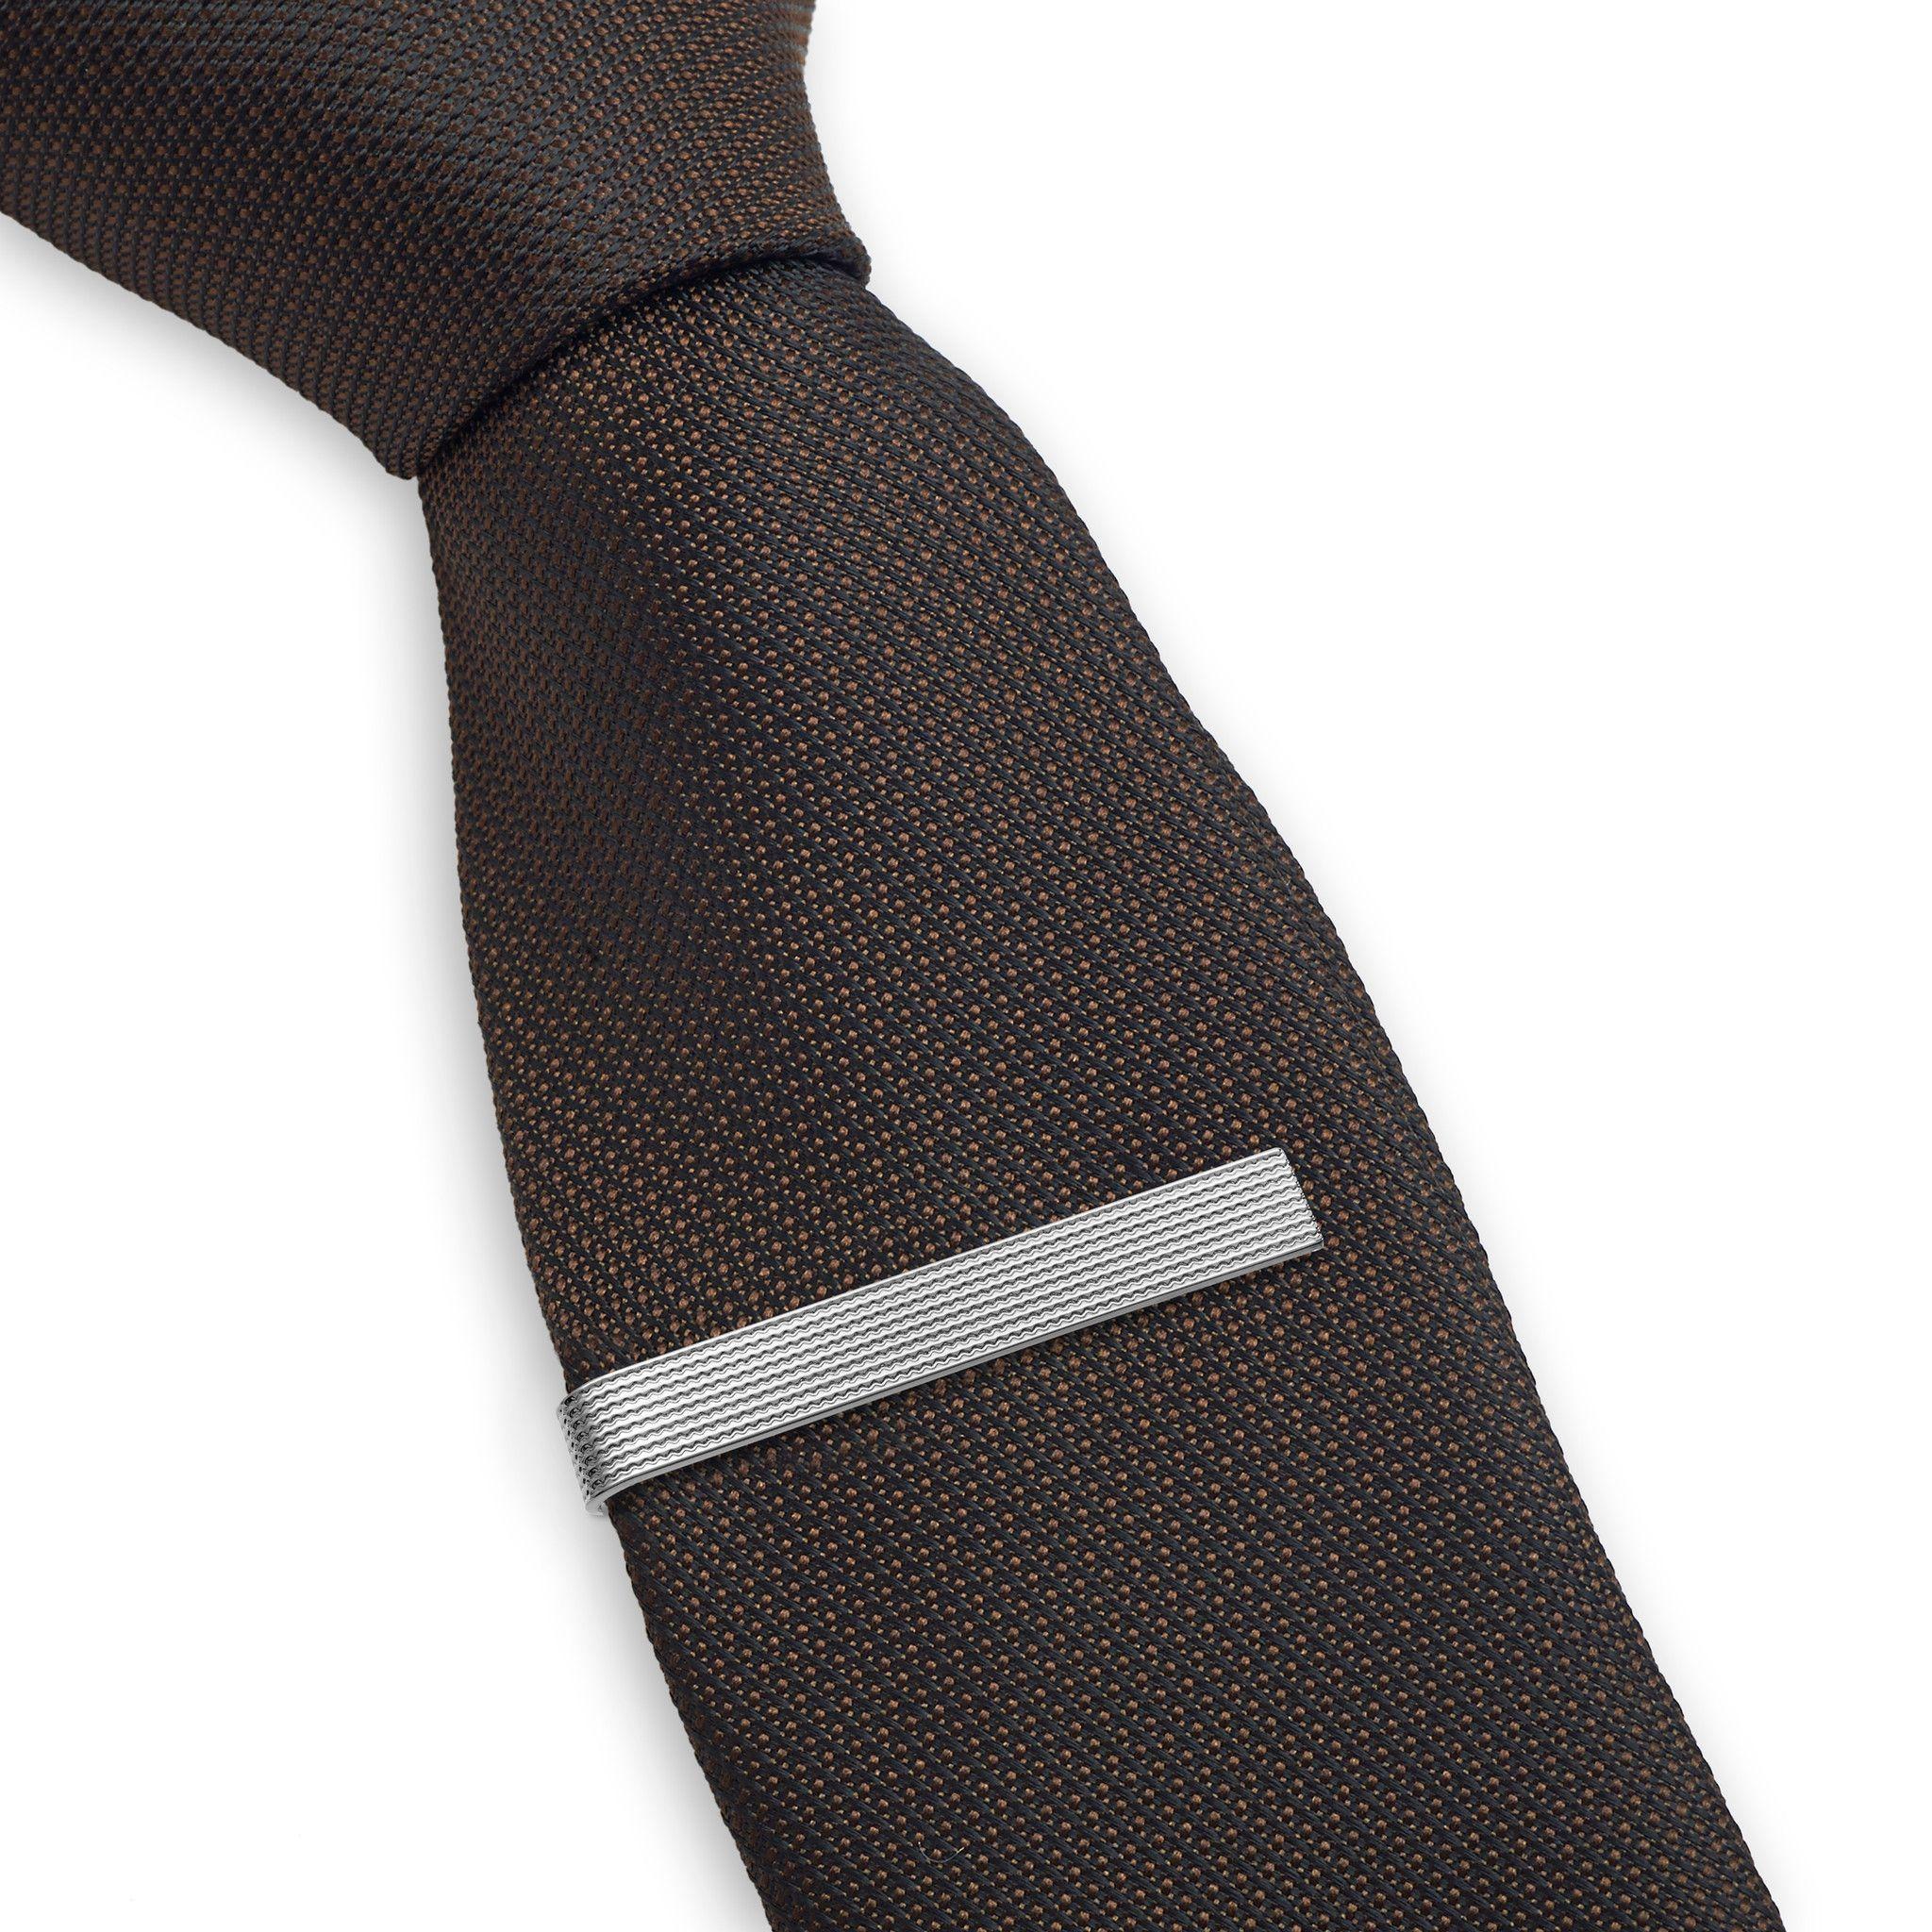 Puentes Denver Tie Pins • 3 pc set: 1 silver, 1 gold, 1 black, 5.4 cm | Mens  tie bar, Tie pin, Ties mens